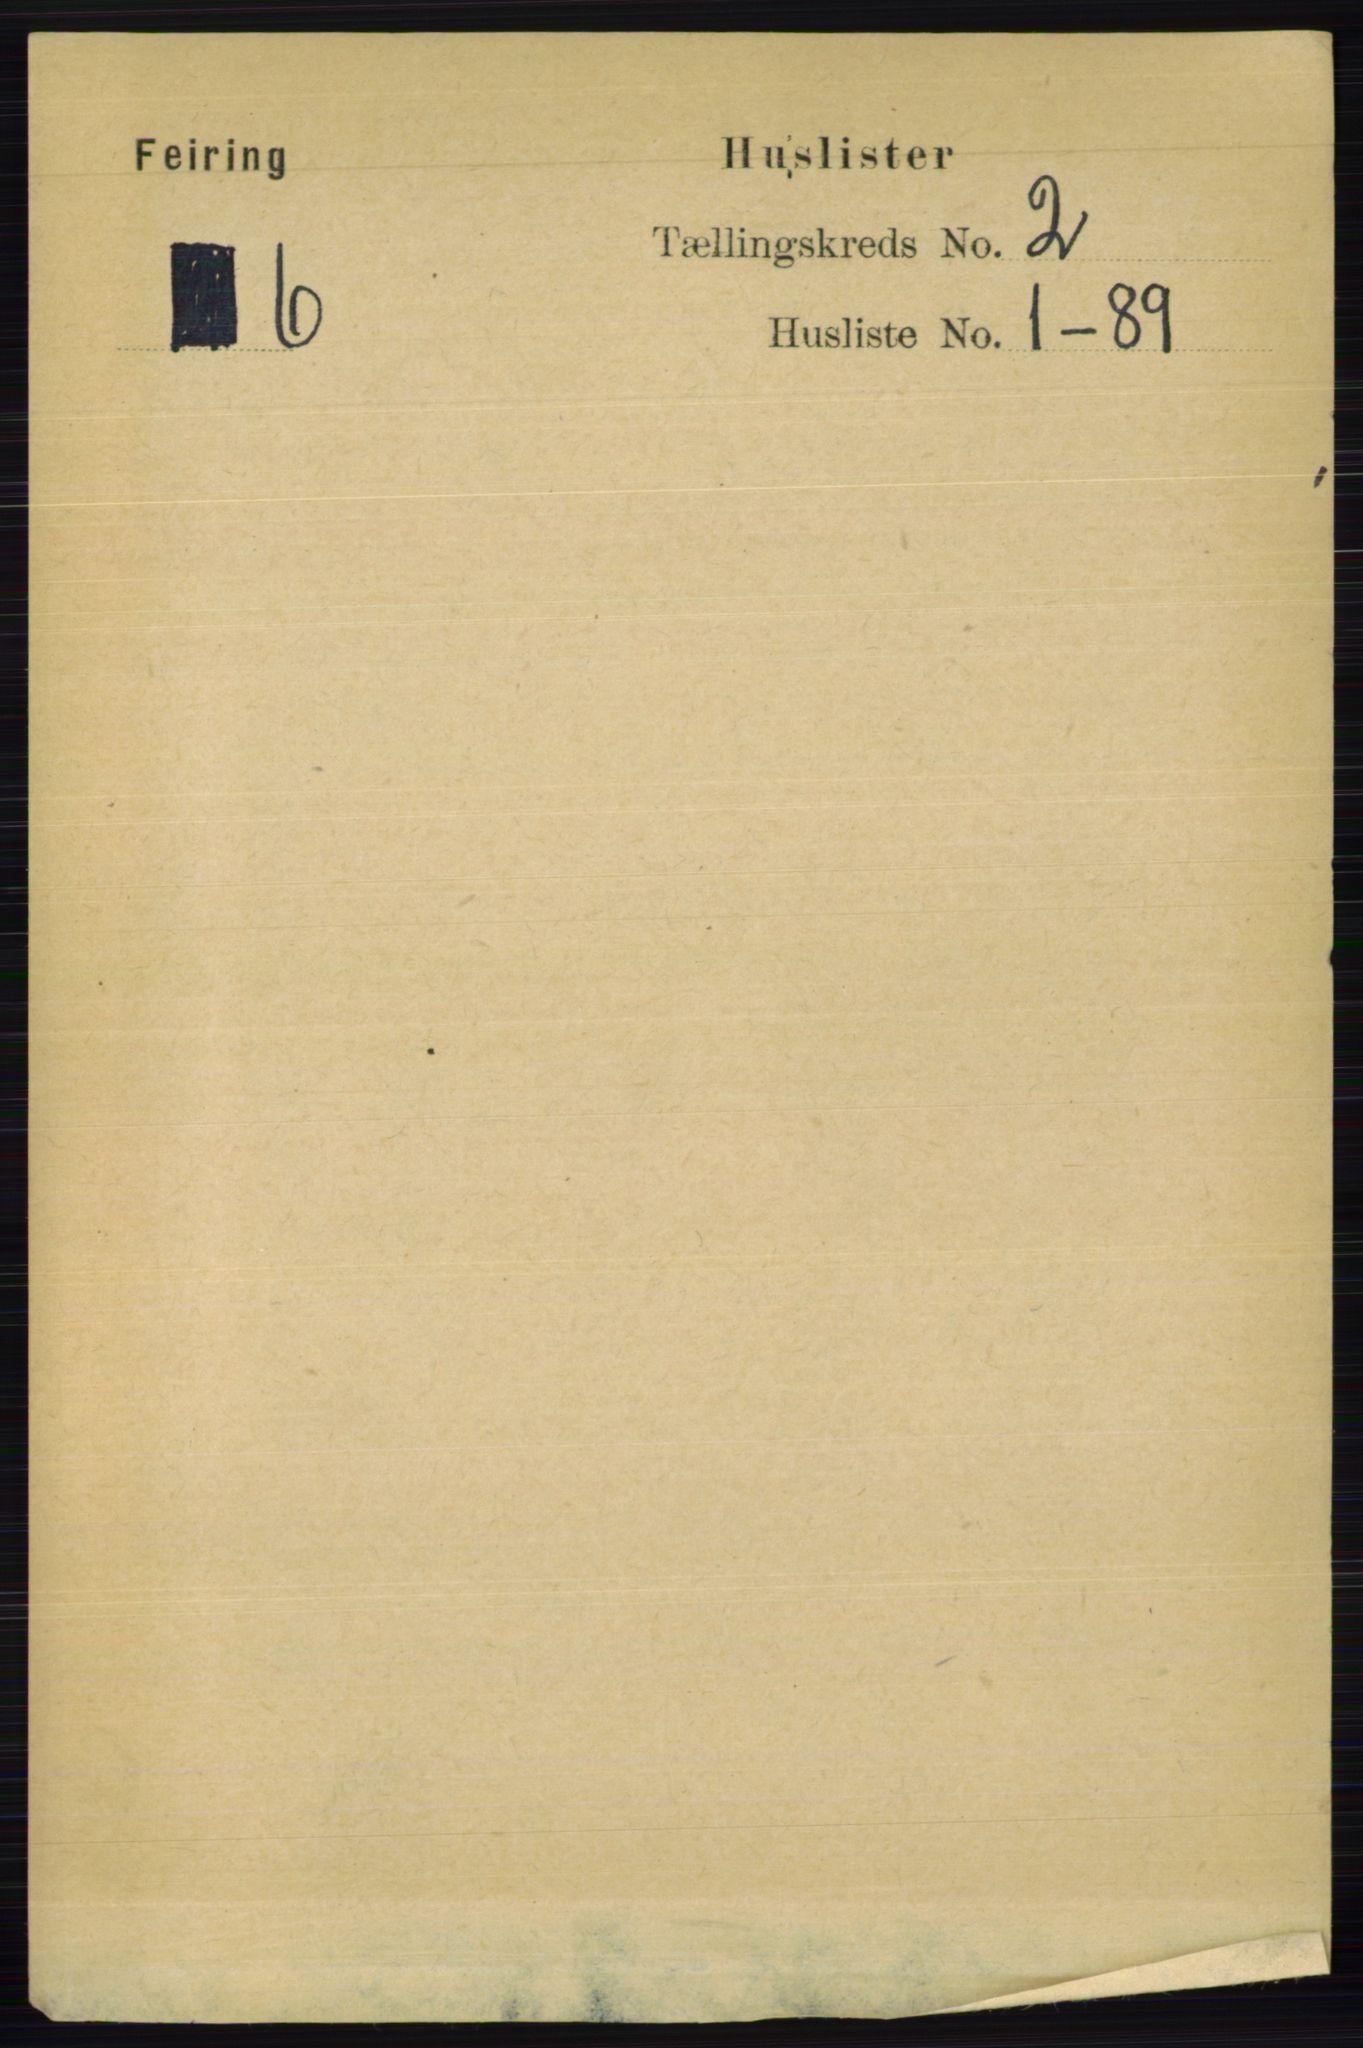 RA, Folketelling 1891 for 0240 Feiring herred, 1891, s. 669